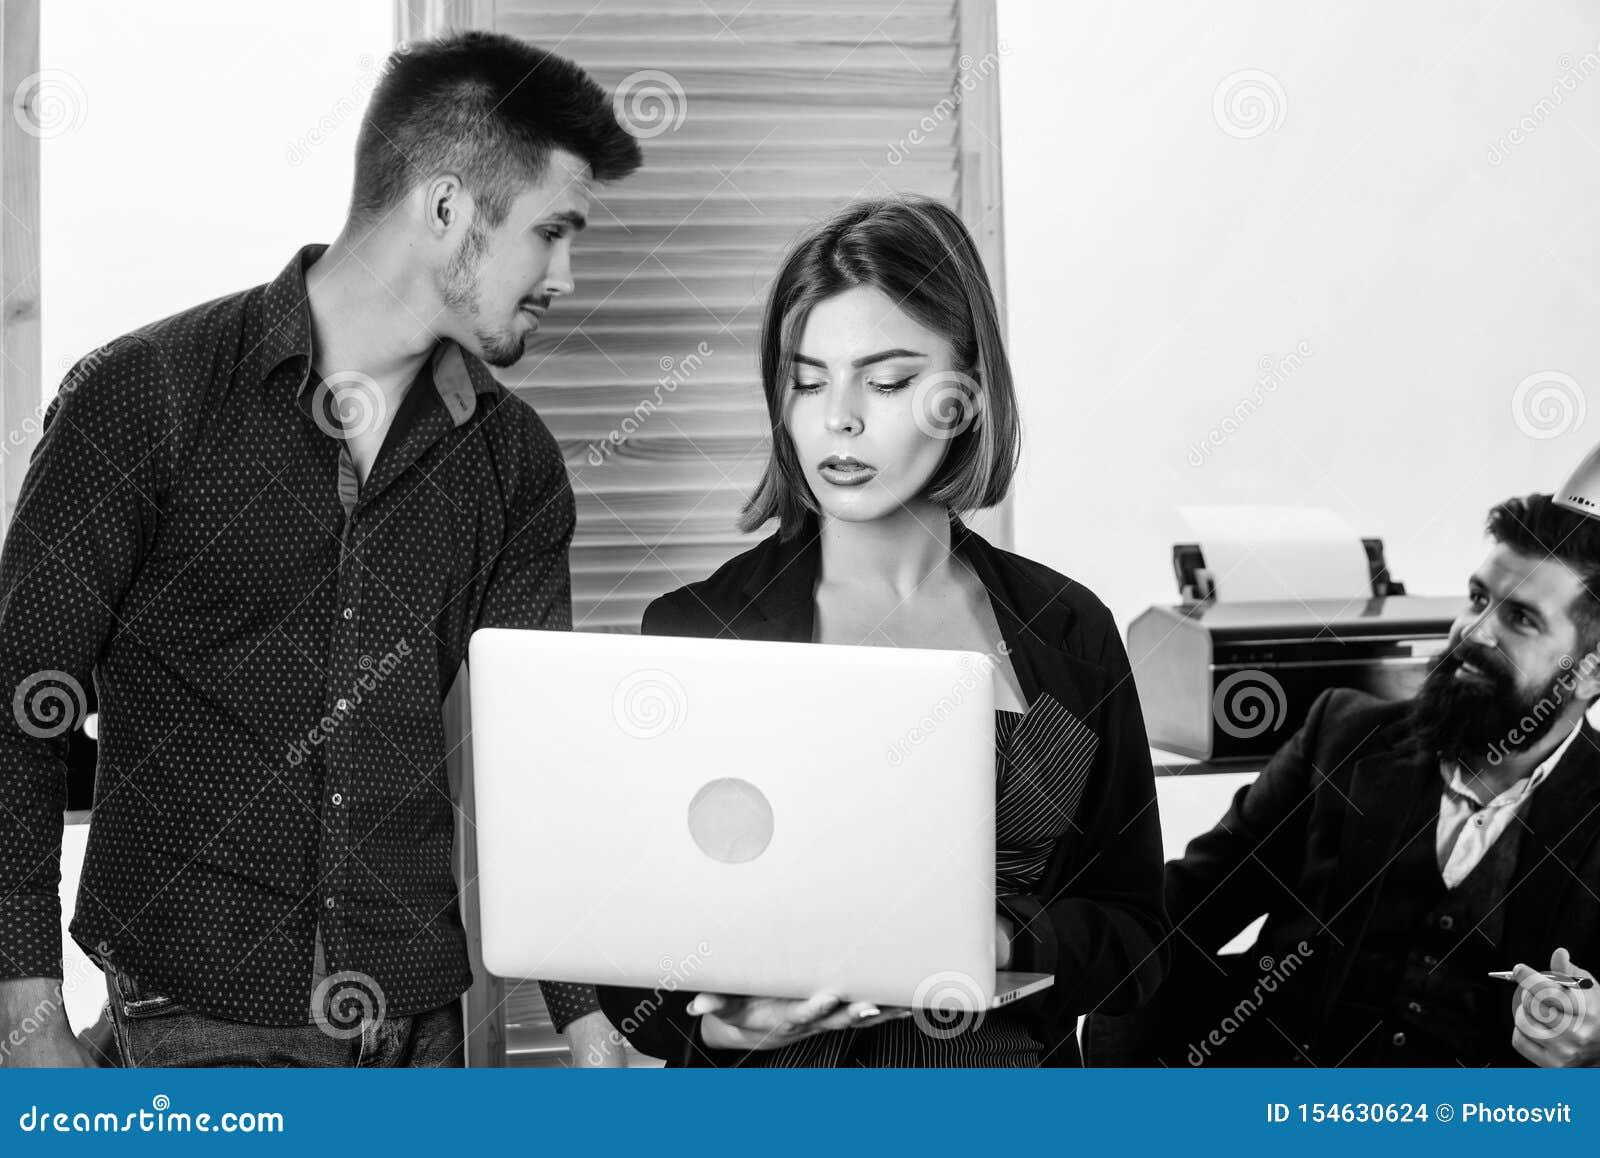 Ελκυστική κυρία γυναικών που συνεργάζεται με τους συναδέλφους ανδρών Συλλογική έννοια γραφείων Οι συνάδελφοι επικοινωνούν την επί